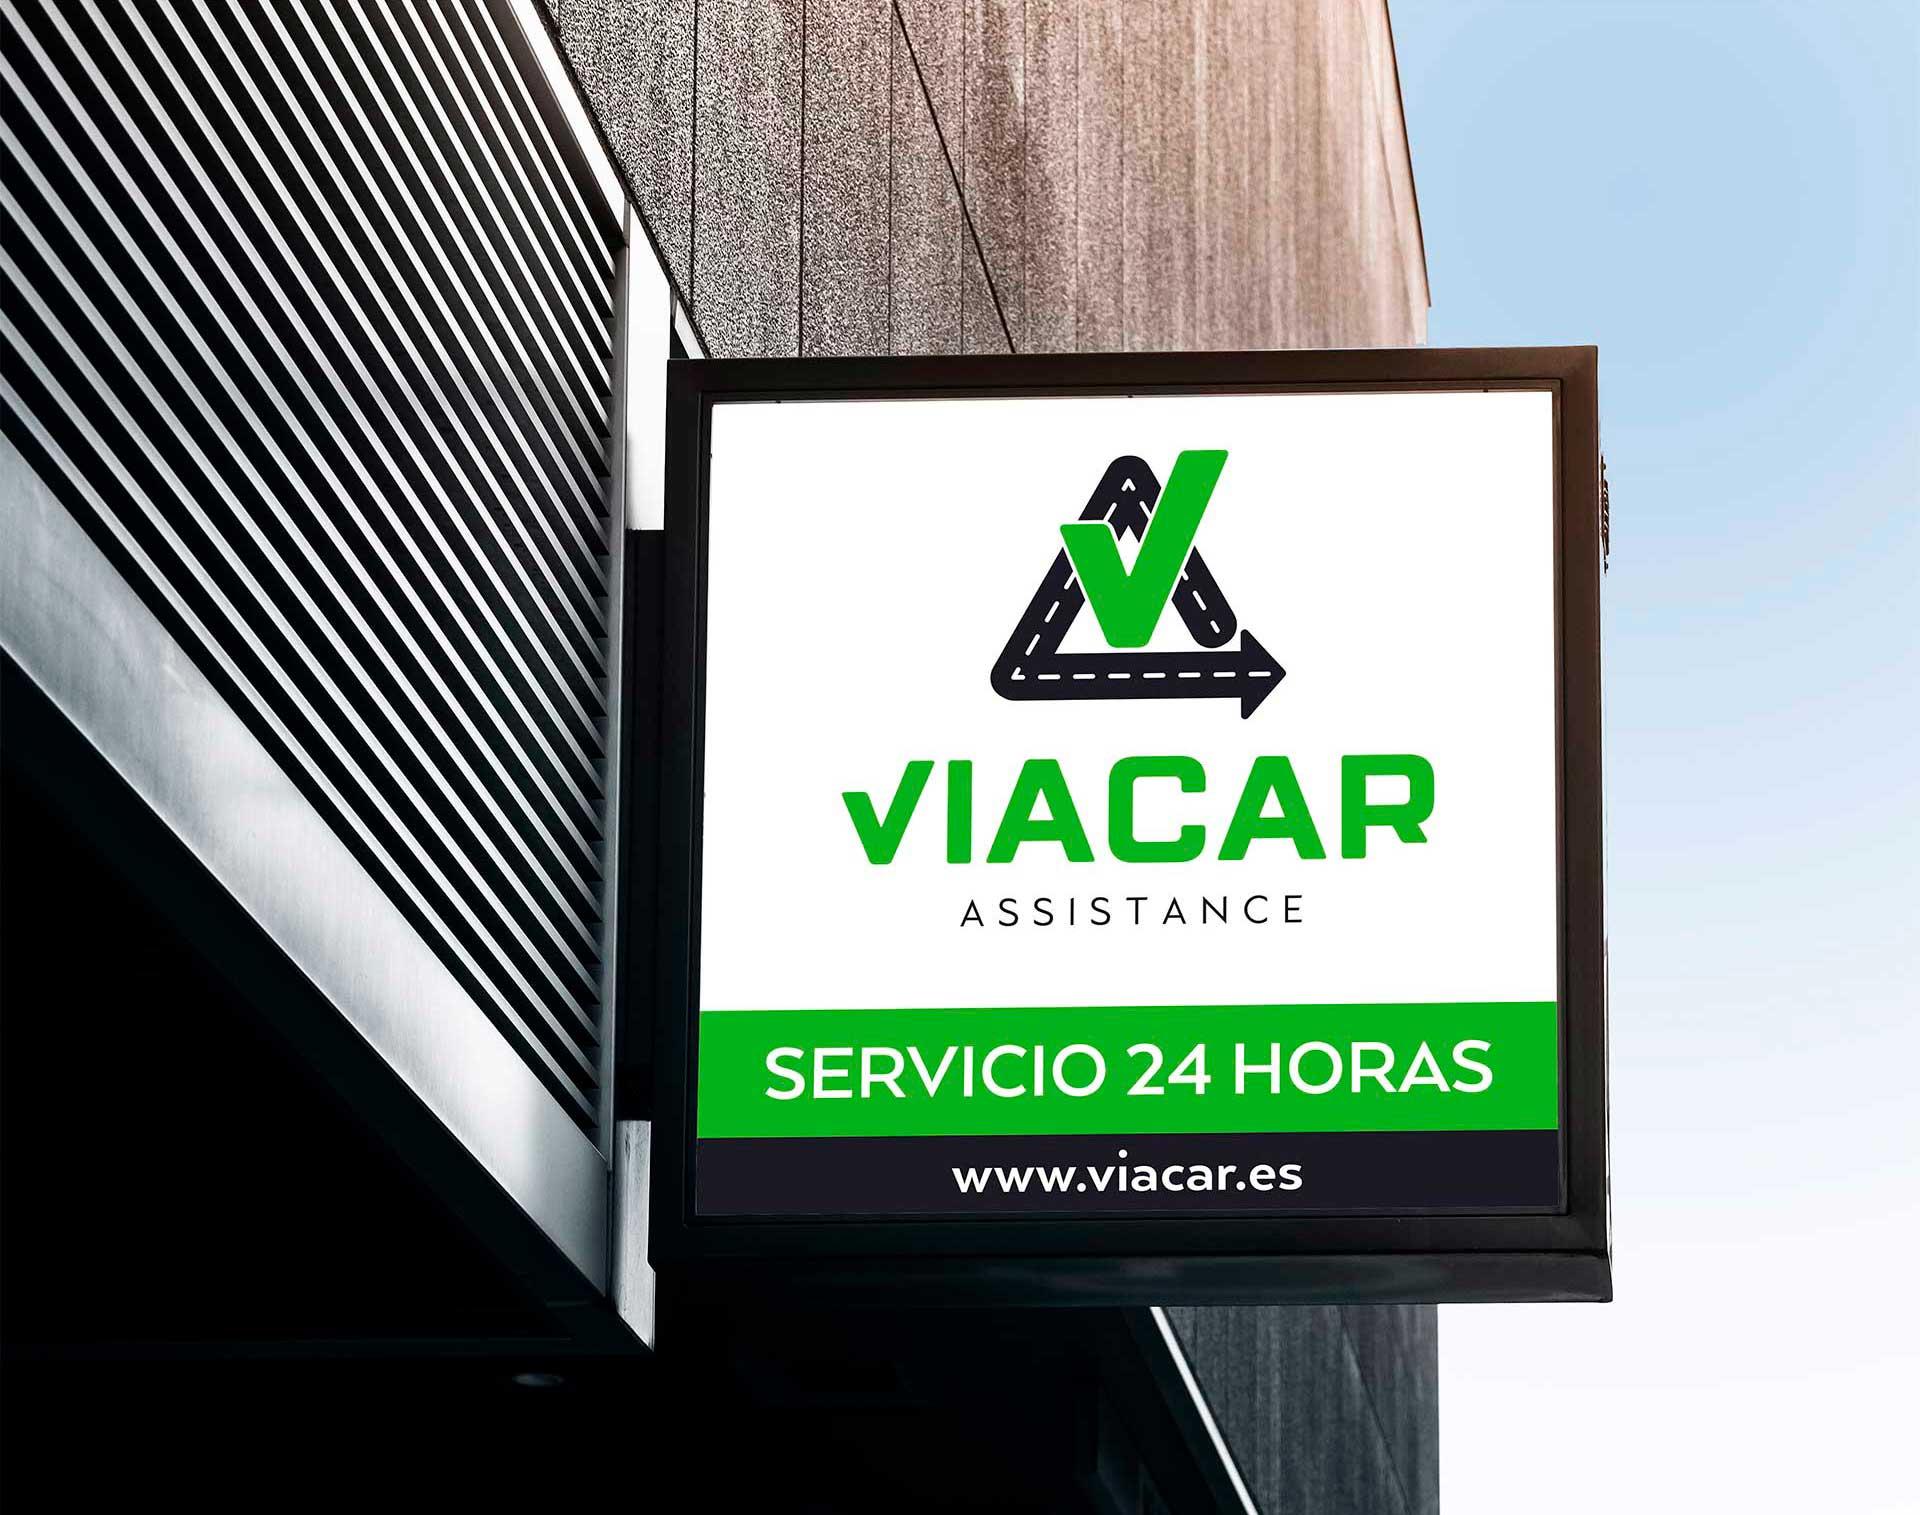 diseño-carteleria-viacar-agencia-adhoc